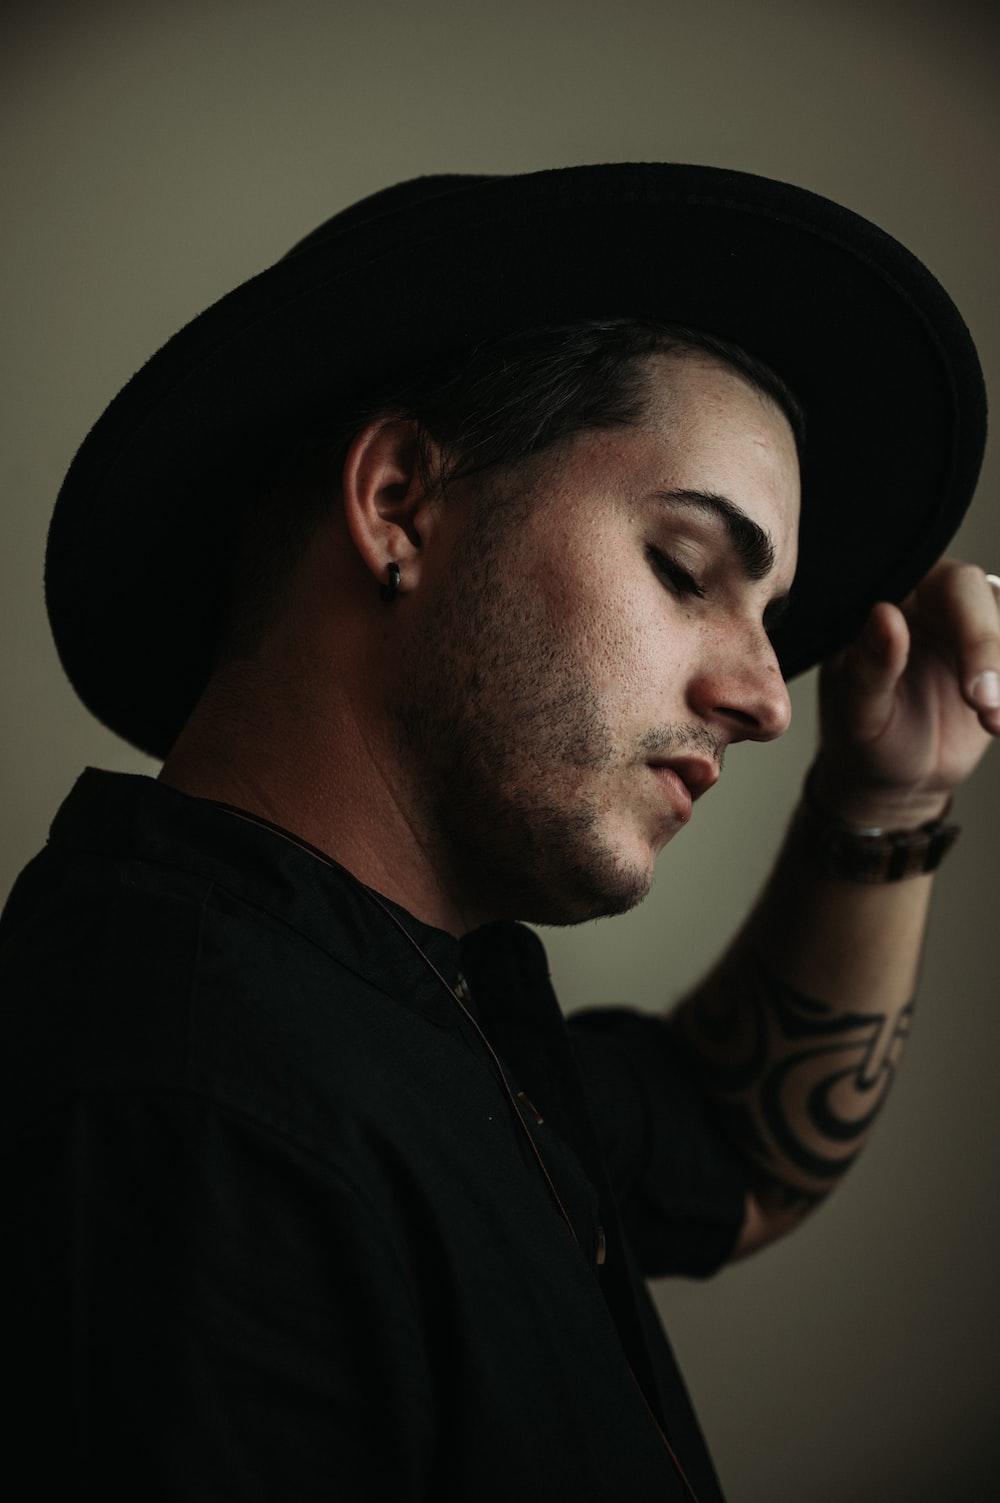 man wearing black fedora hat